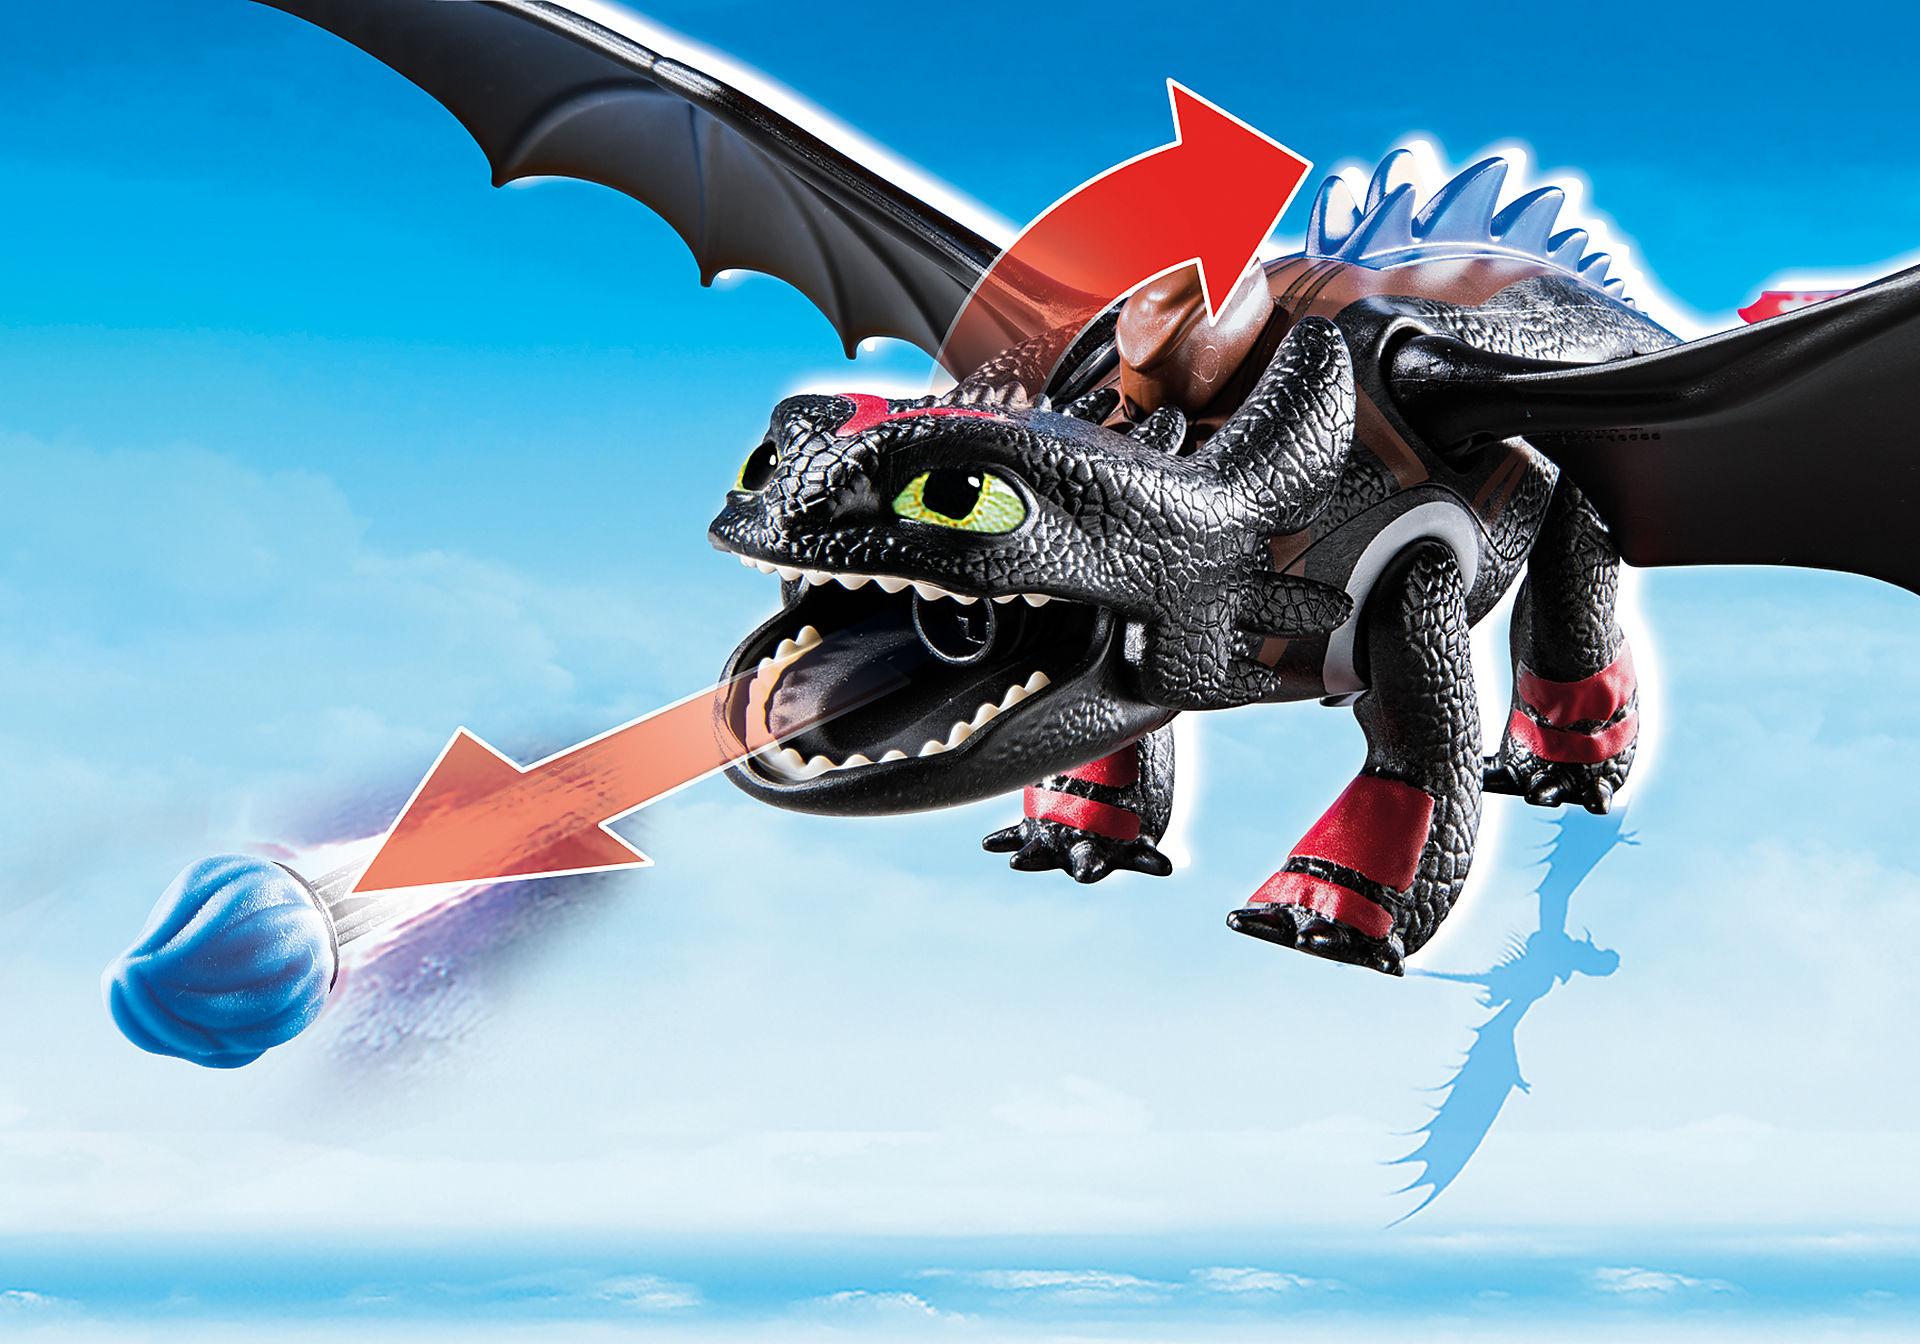 70727 Dragon Racing: Hikotus ja Hampaaton zoom image4